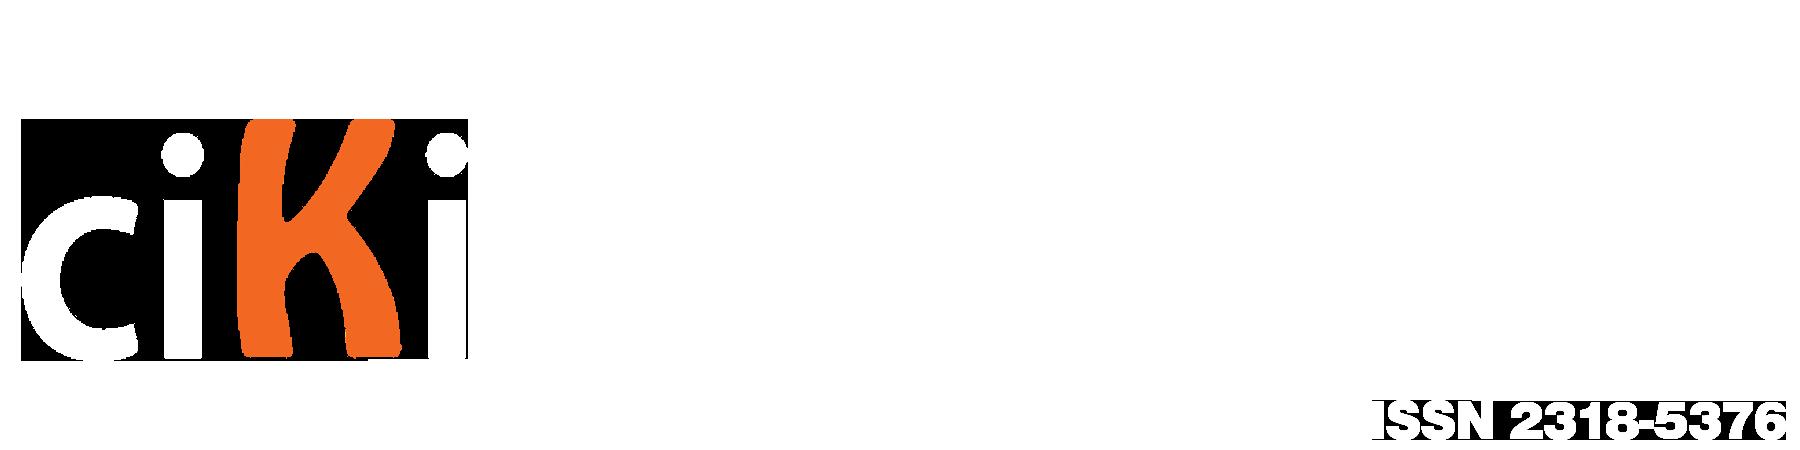 Congresso Internacional de Conhecimento e Inovação